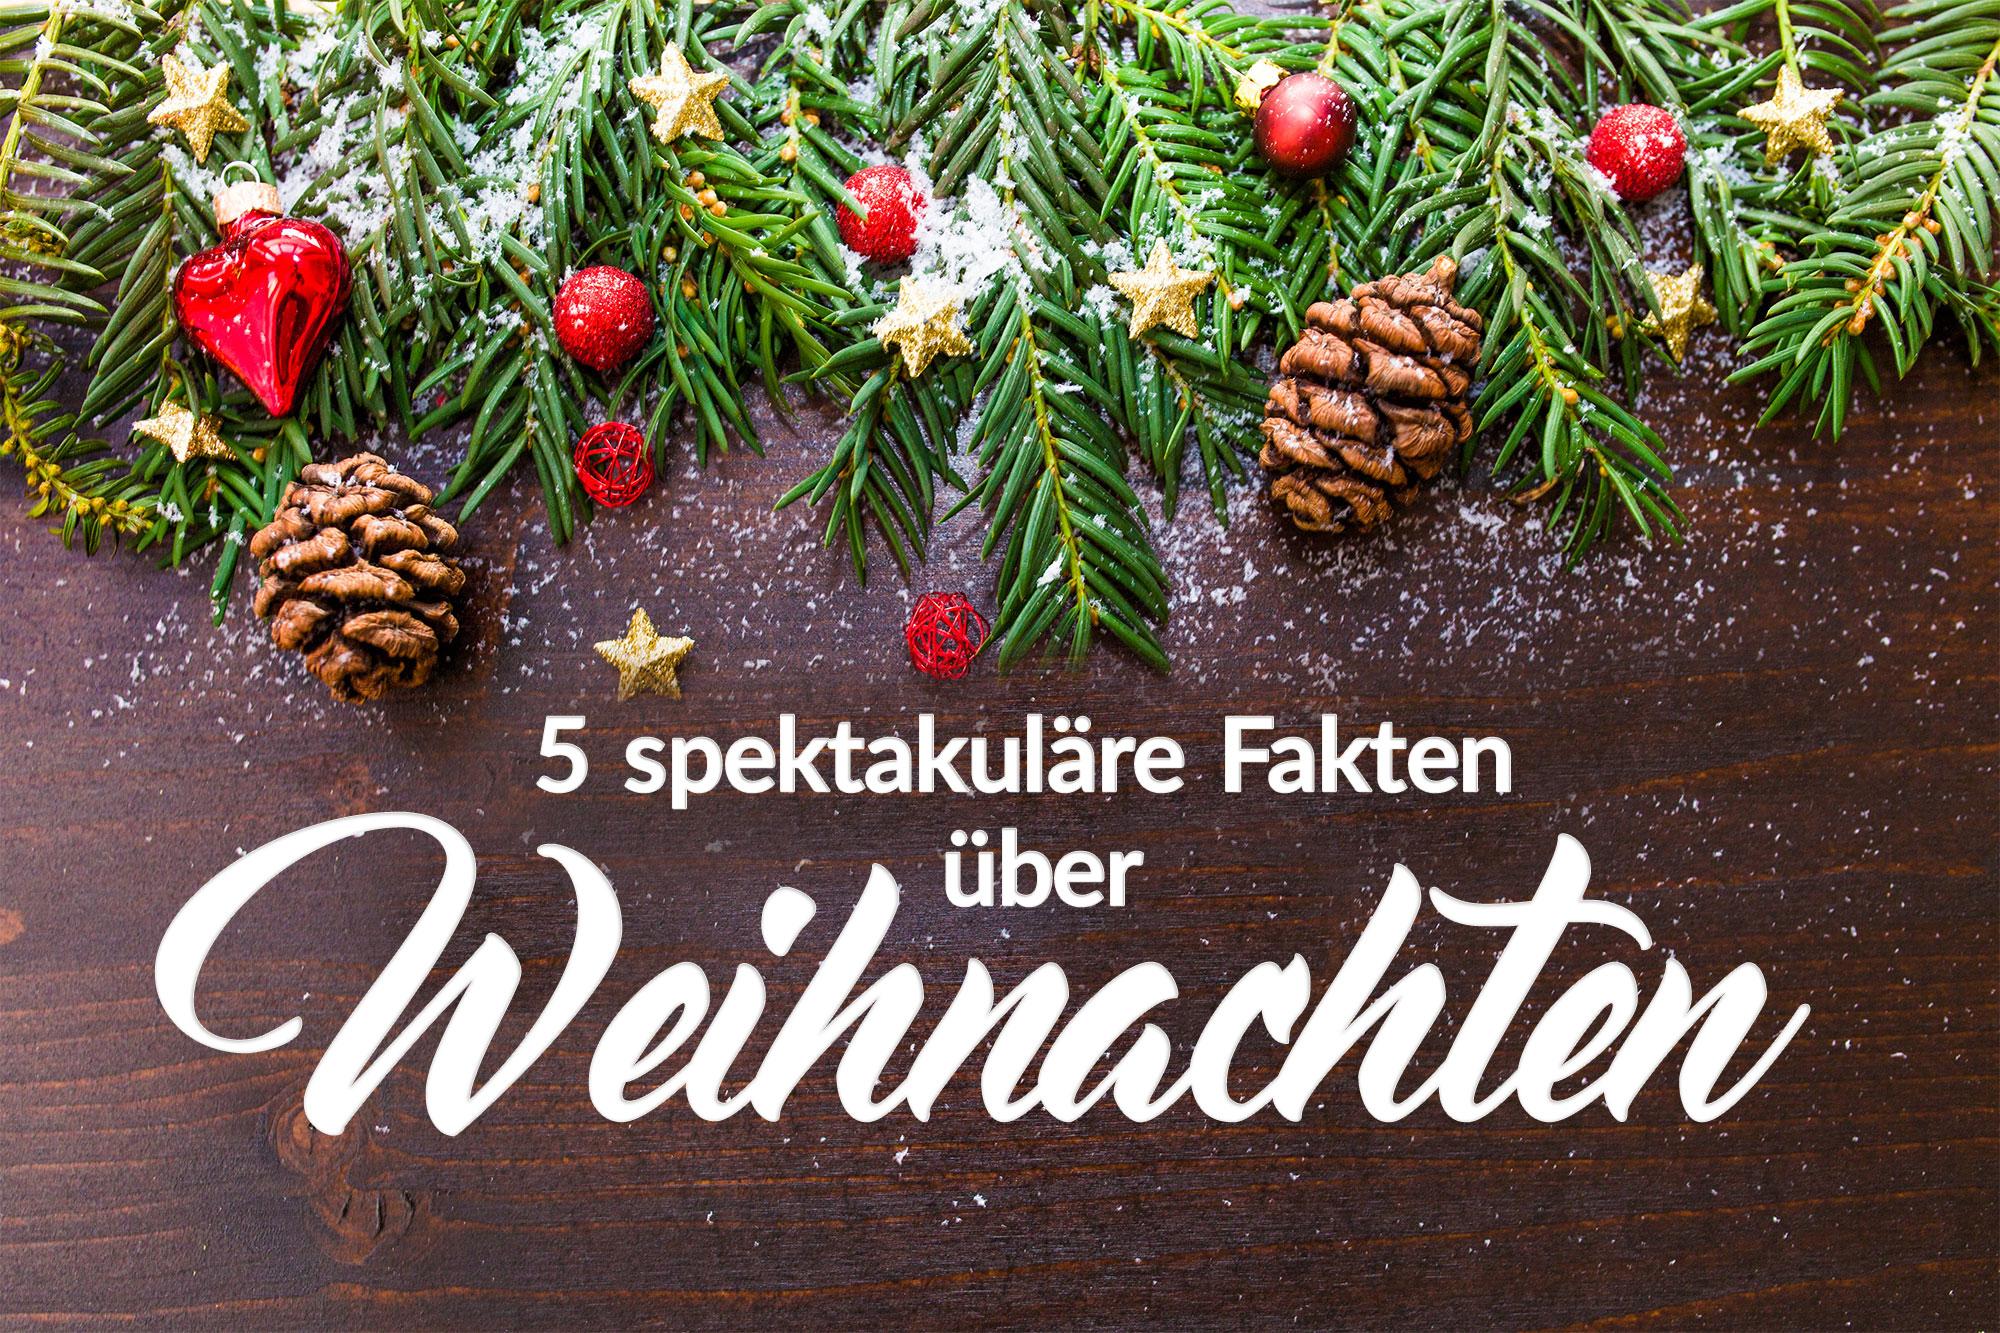 5 spektakuläre Fakten über Weihnachten